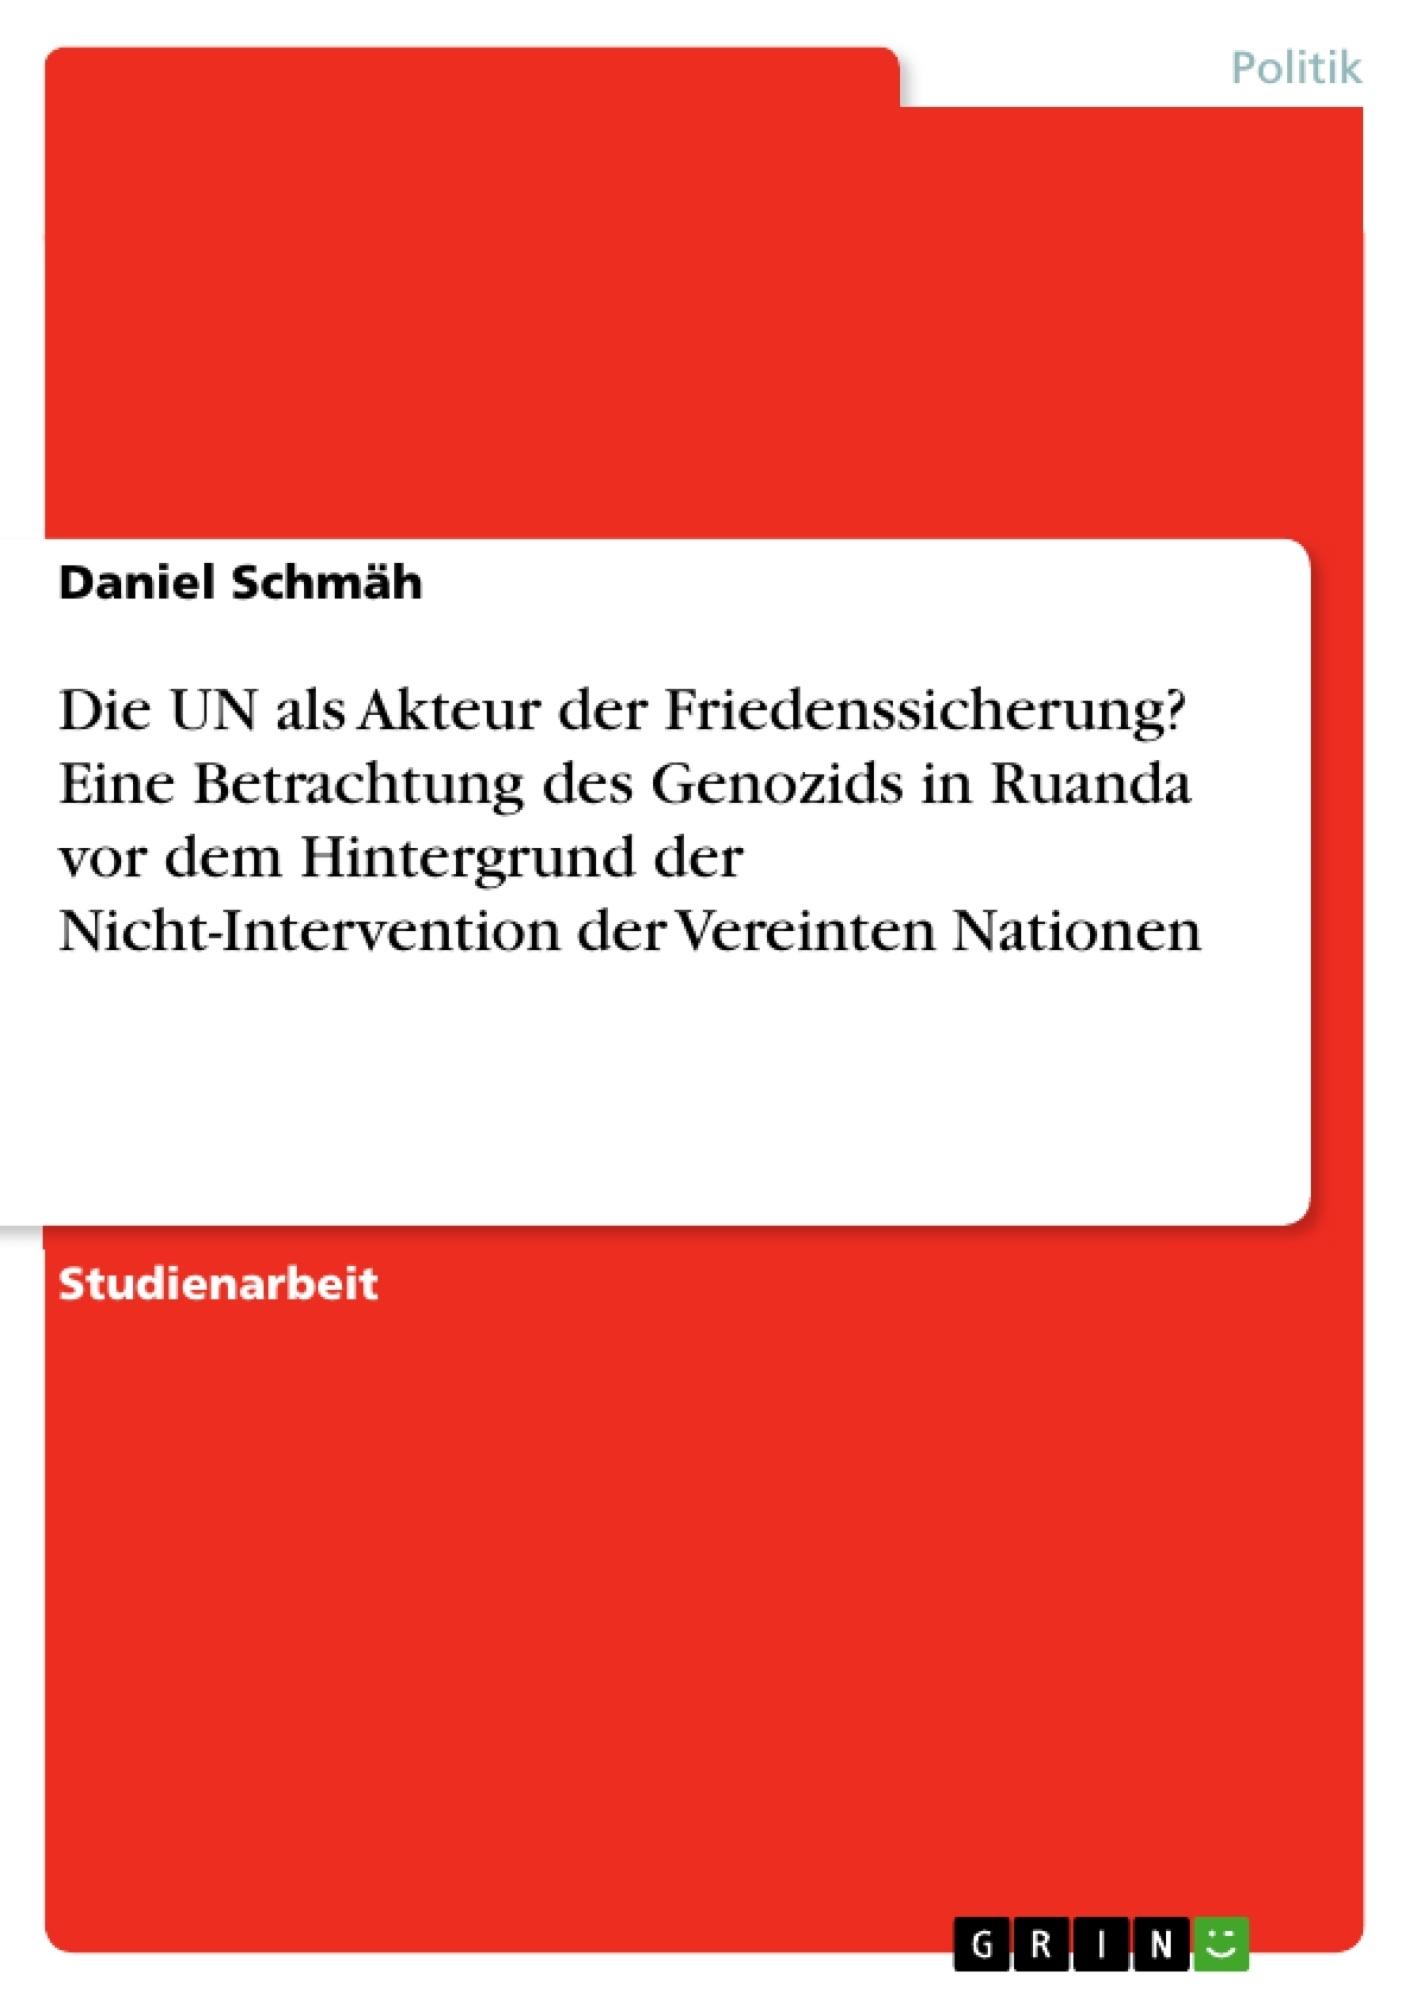 Titel: Die UN als Akteur der Friedenssicherung? Eine Betrachtung des Genozids in Ruanda vor dem Hintergrund der Nicht-Intervention der Vereinten Nationen